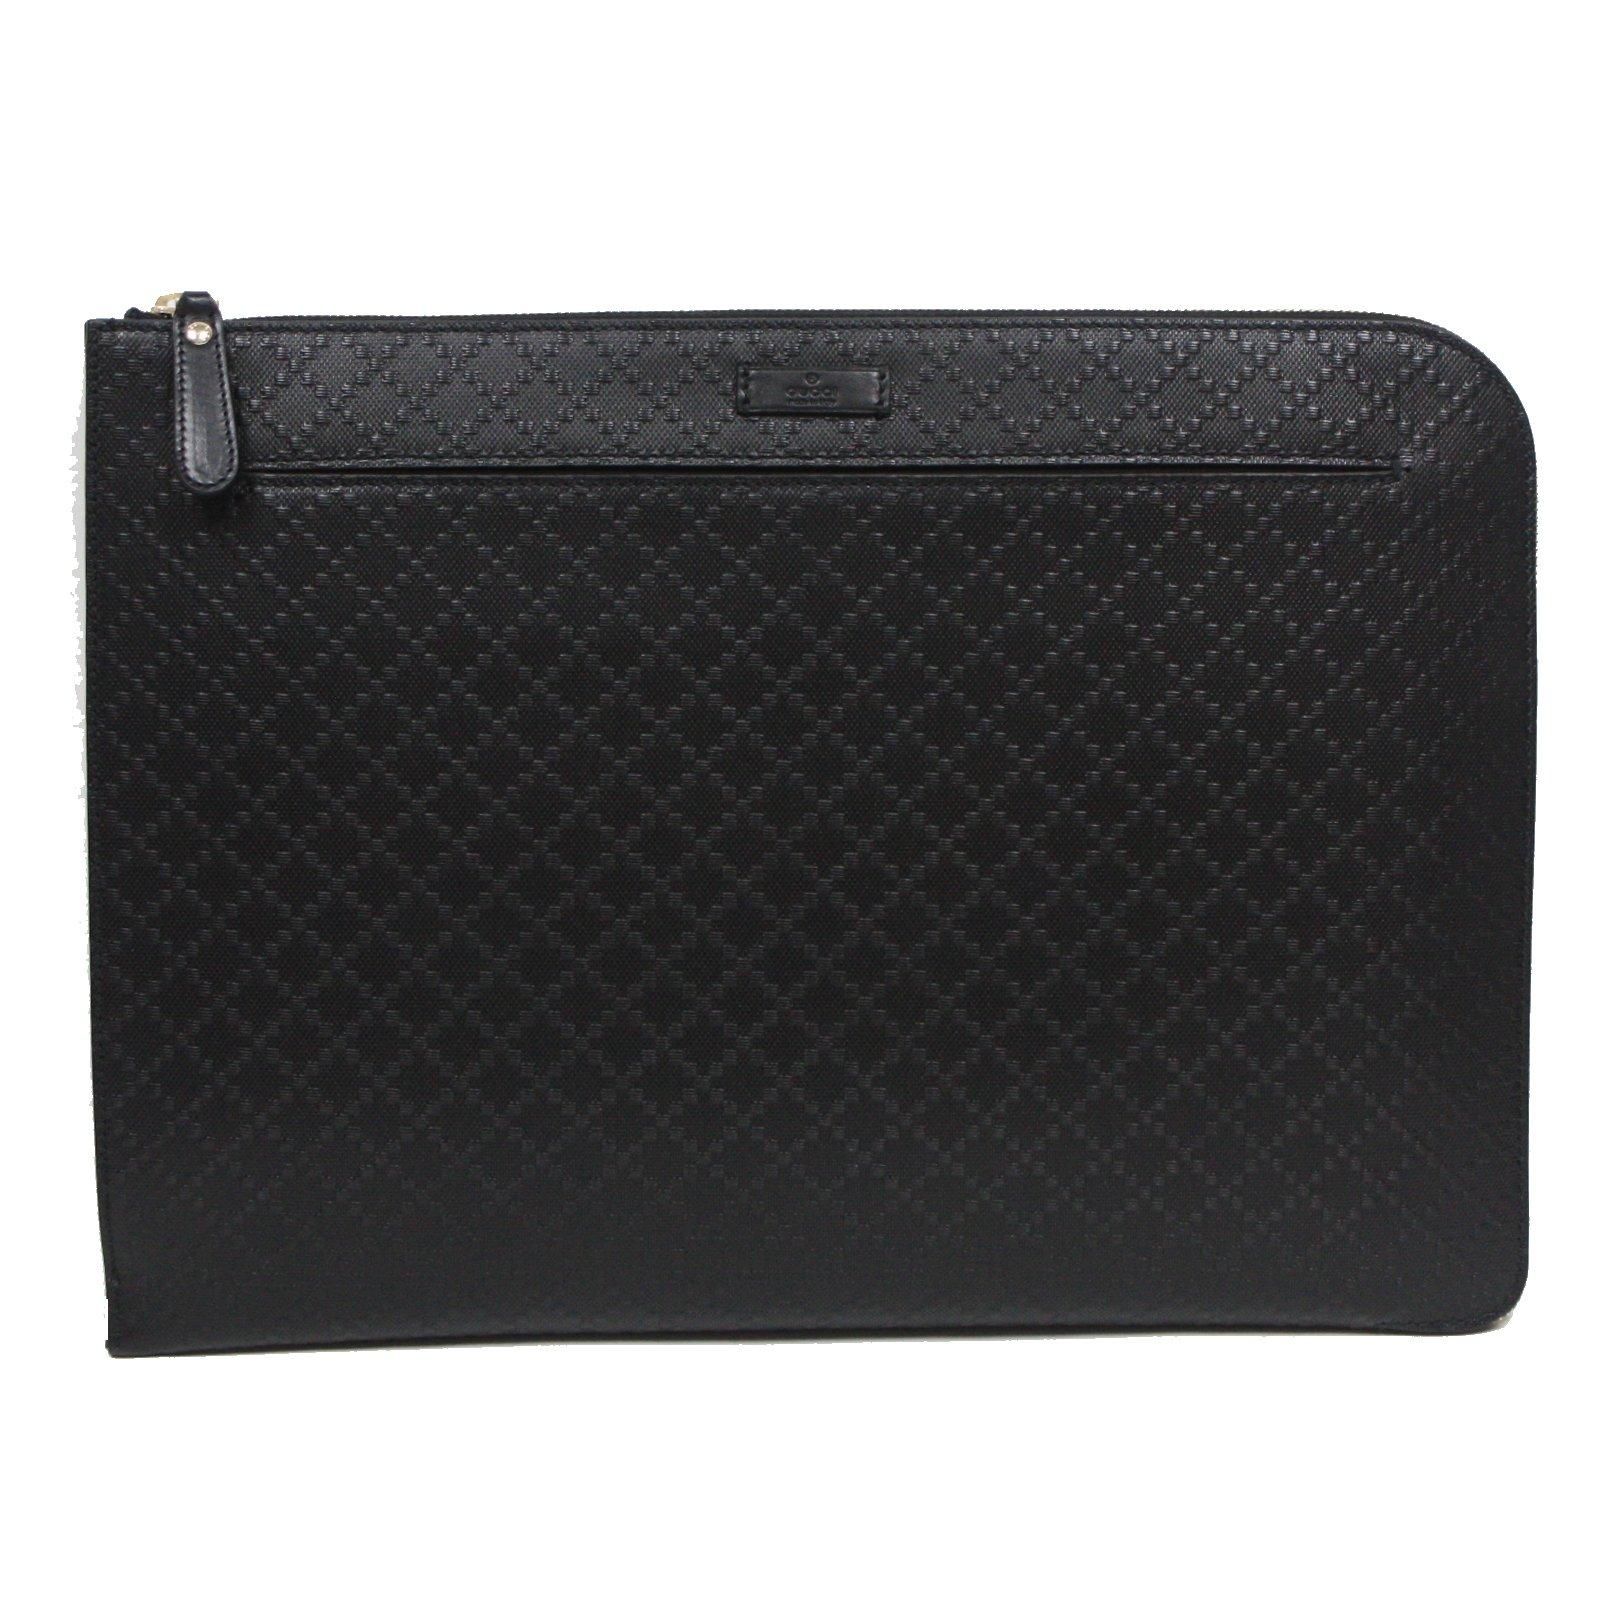 Gucci Diamante Leather Zip Portfolio Briefcase Bag 368564 1000 Black